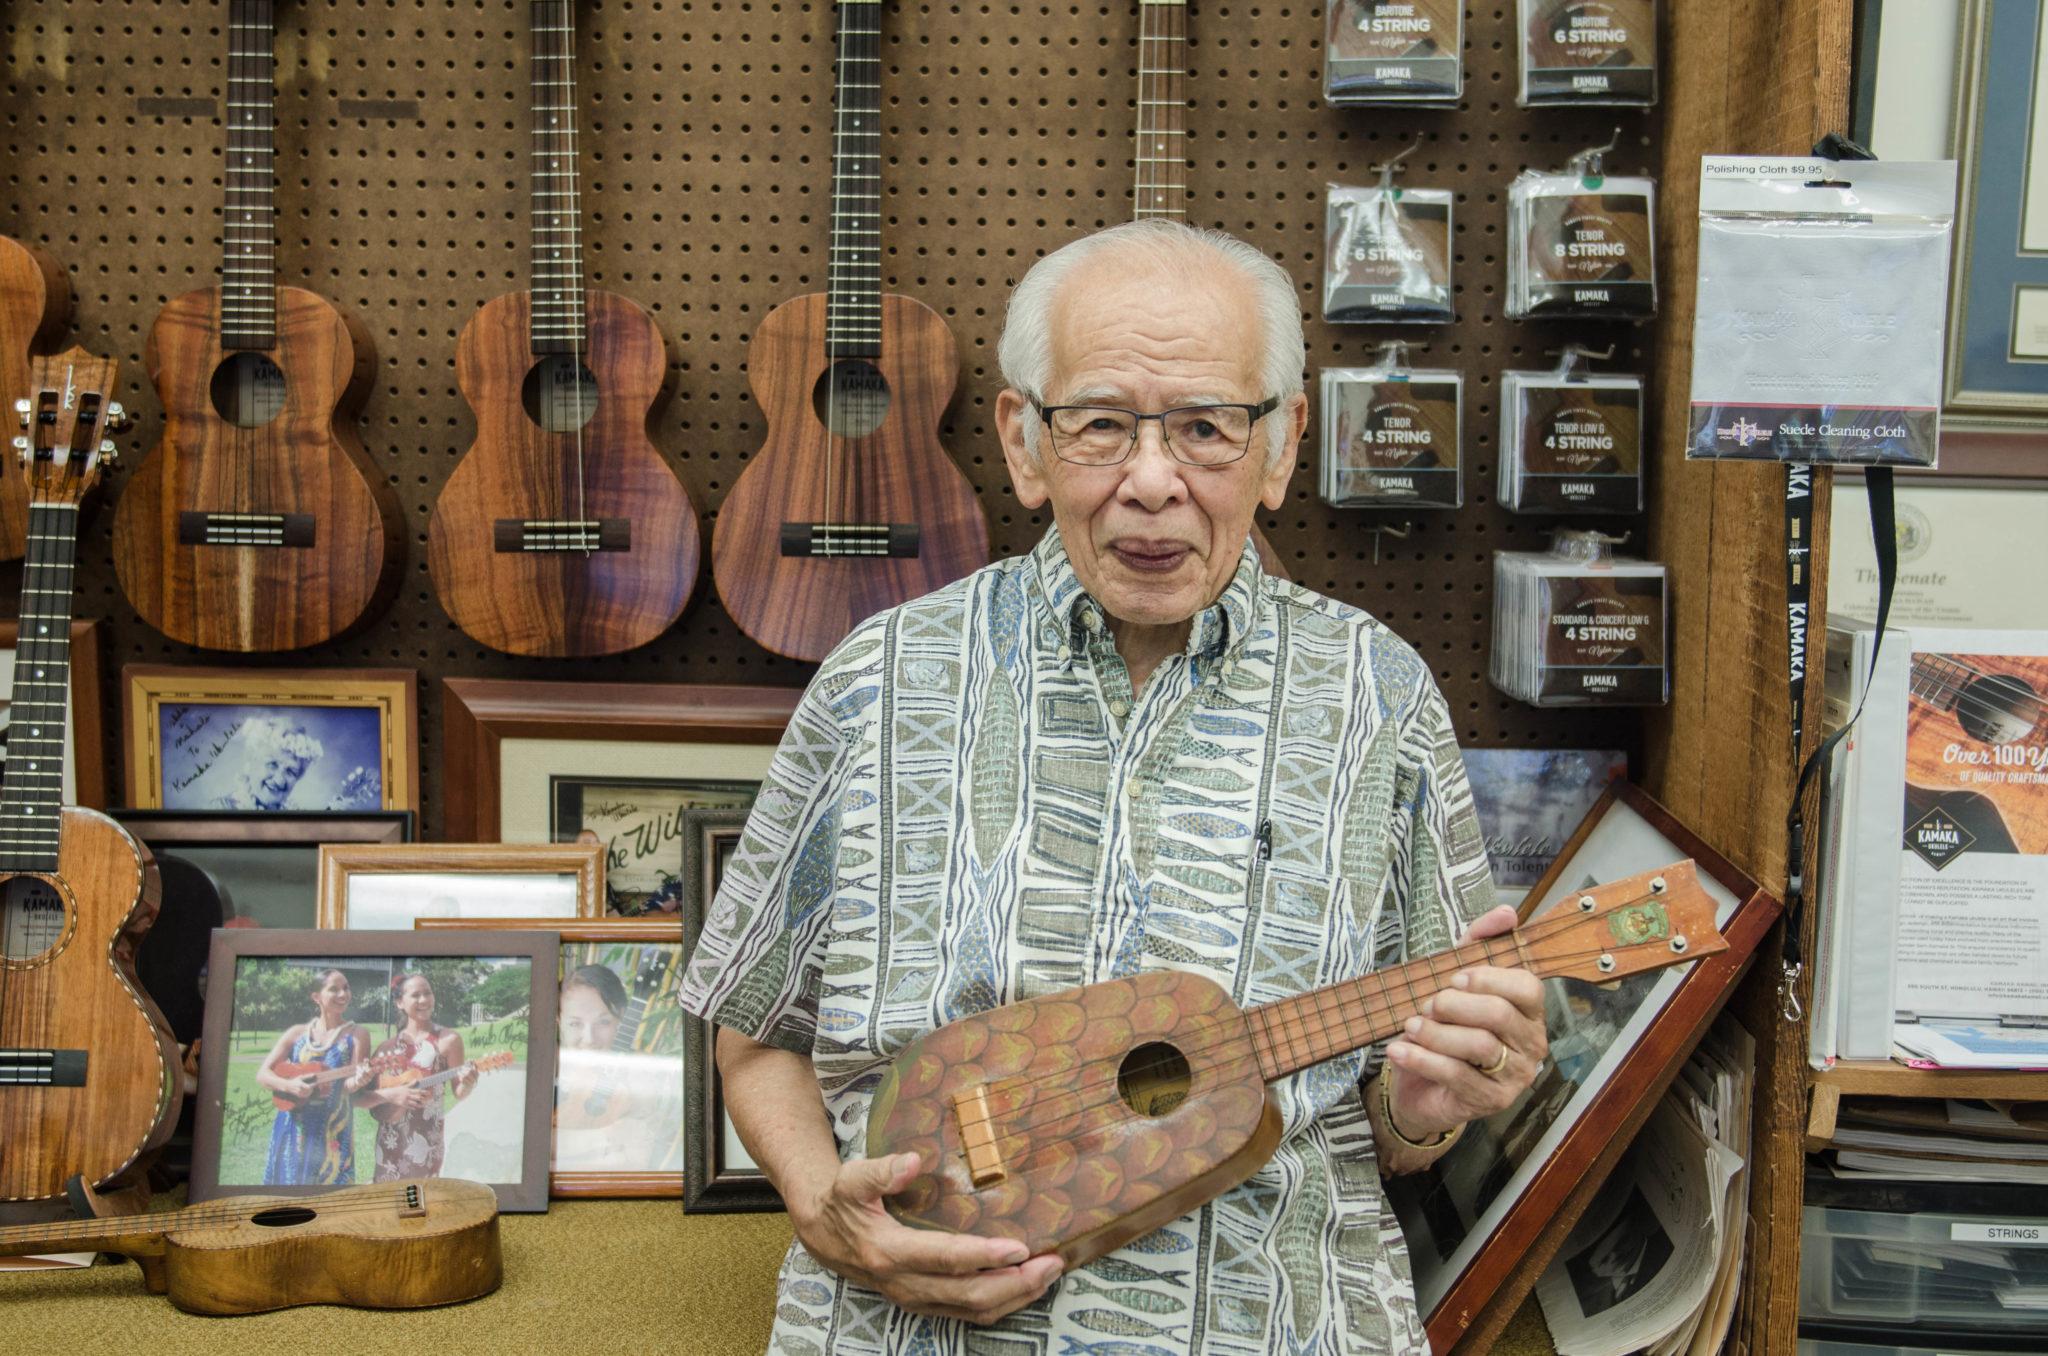 Kamaka Ukulele: Die hawaiianische Kultklampfe kommt aus Freds Schmiede auf Oahu